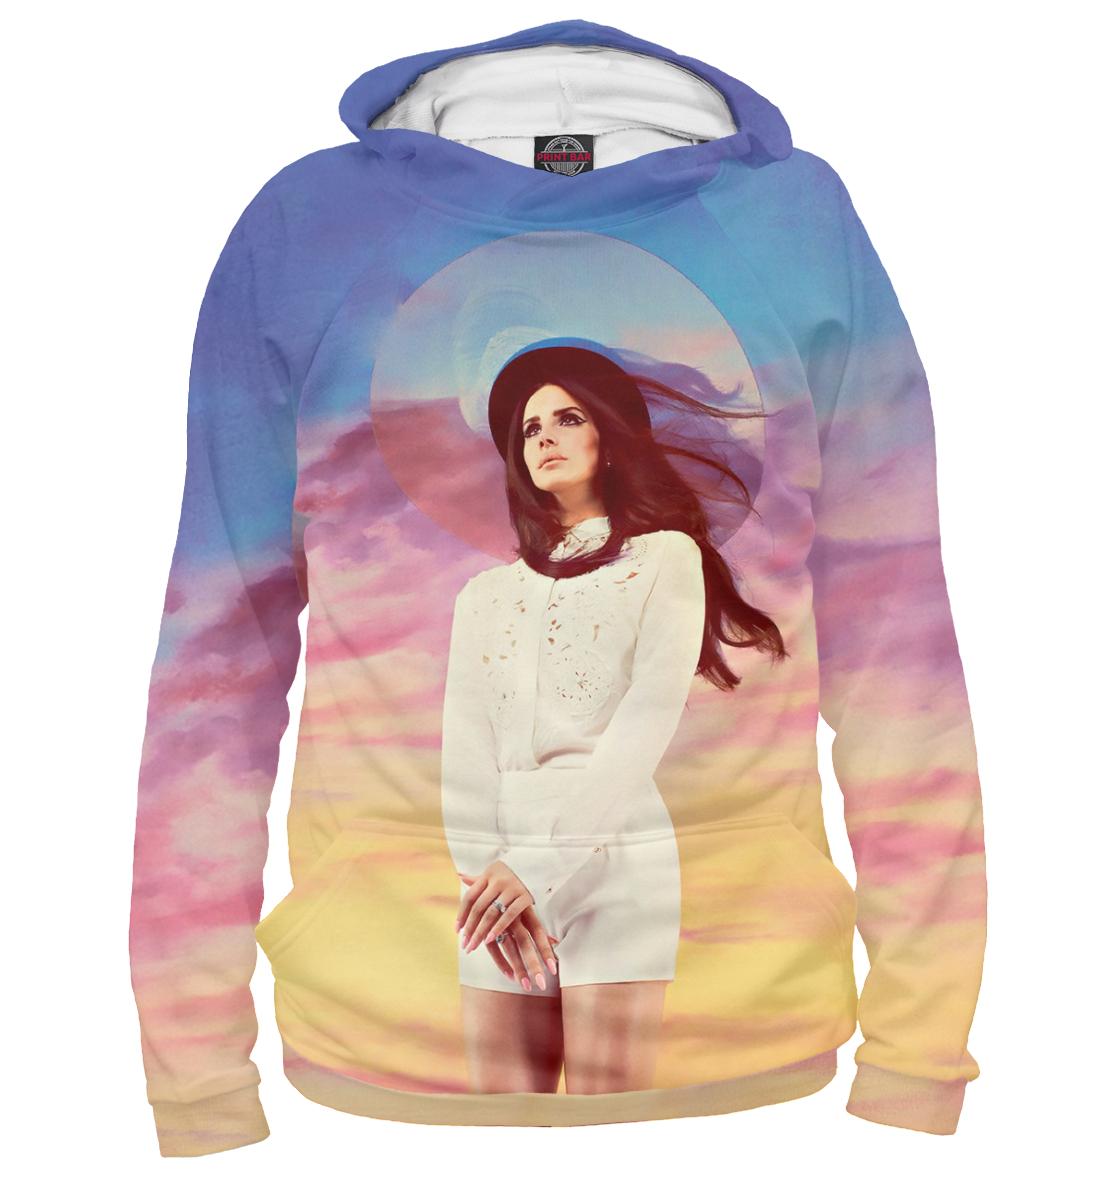 Lana Del Rey, Printbar, Худи, MZK-997201-hud-2  - купить со скидкой